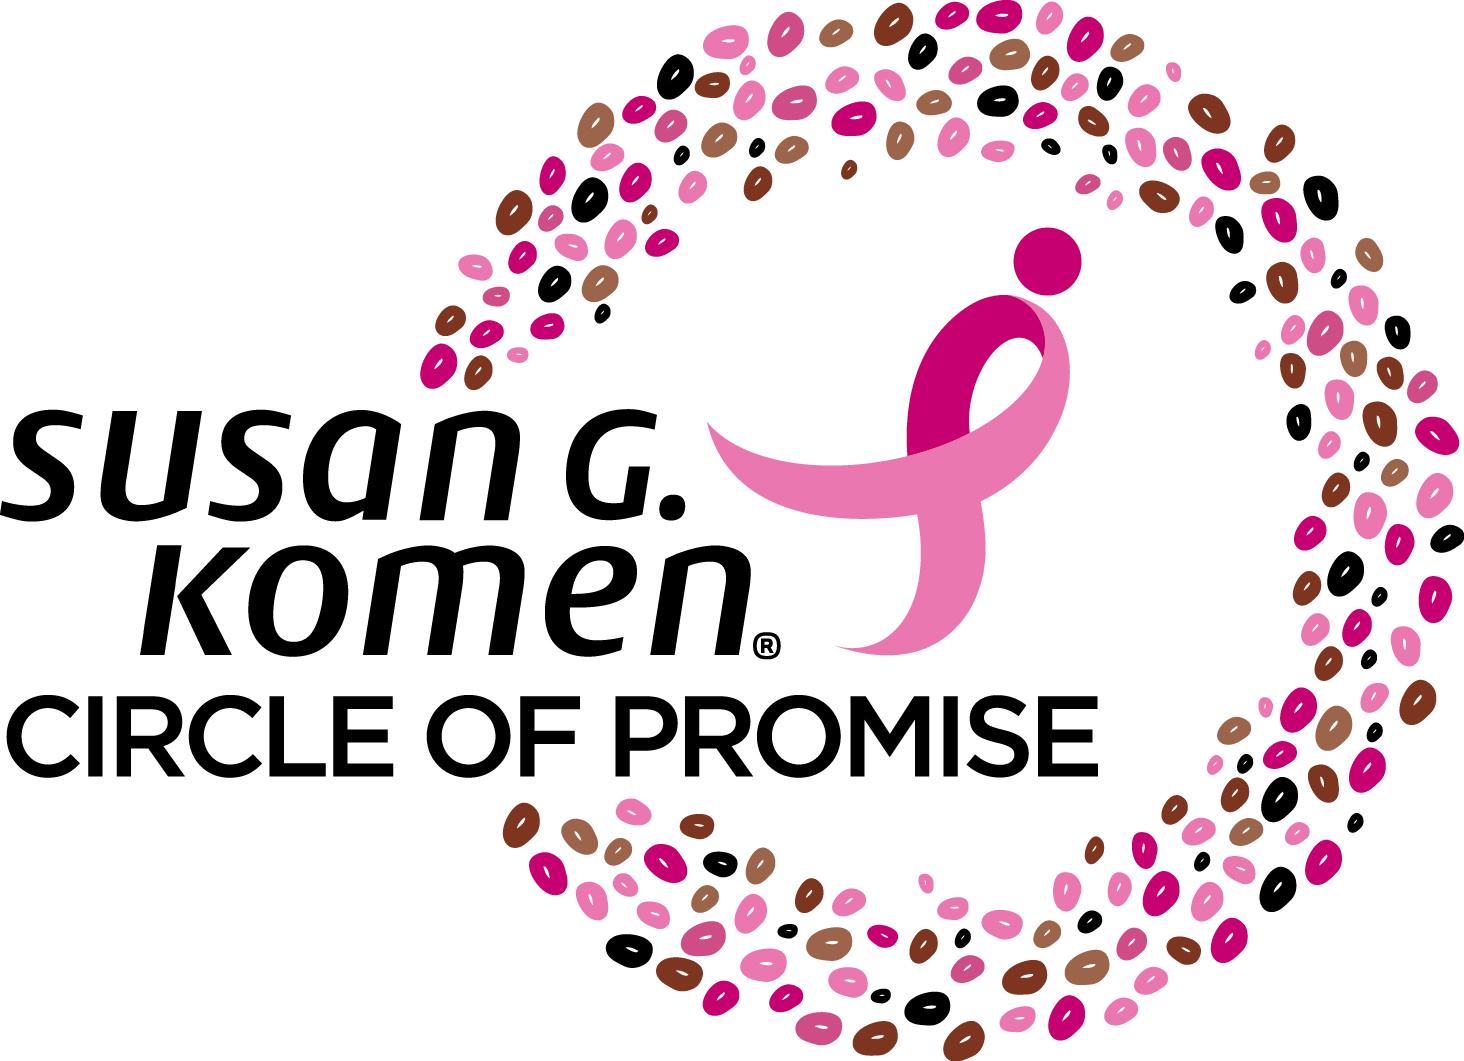 Susan G. Komen Circle of Promise logo